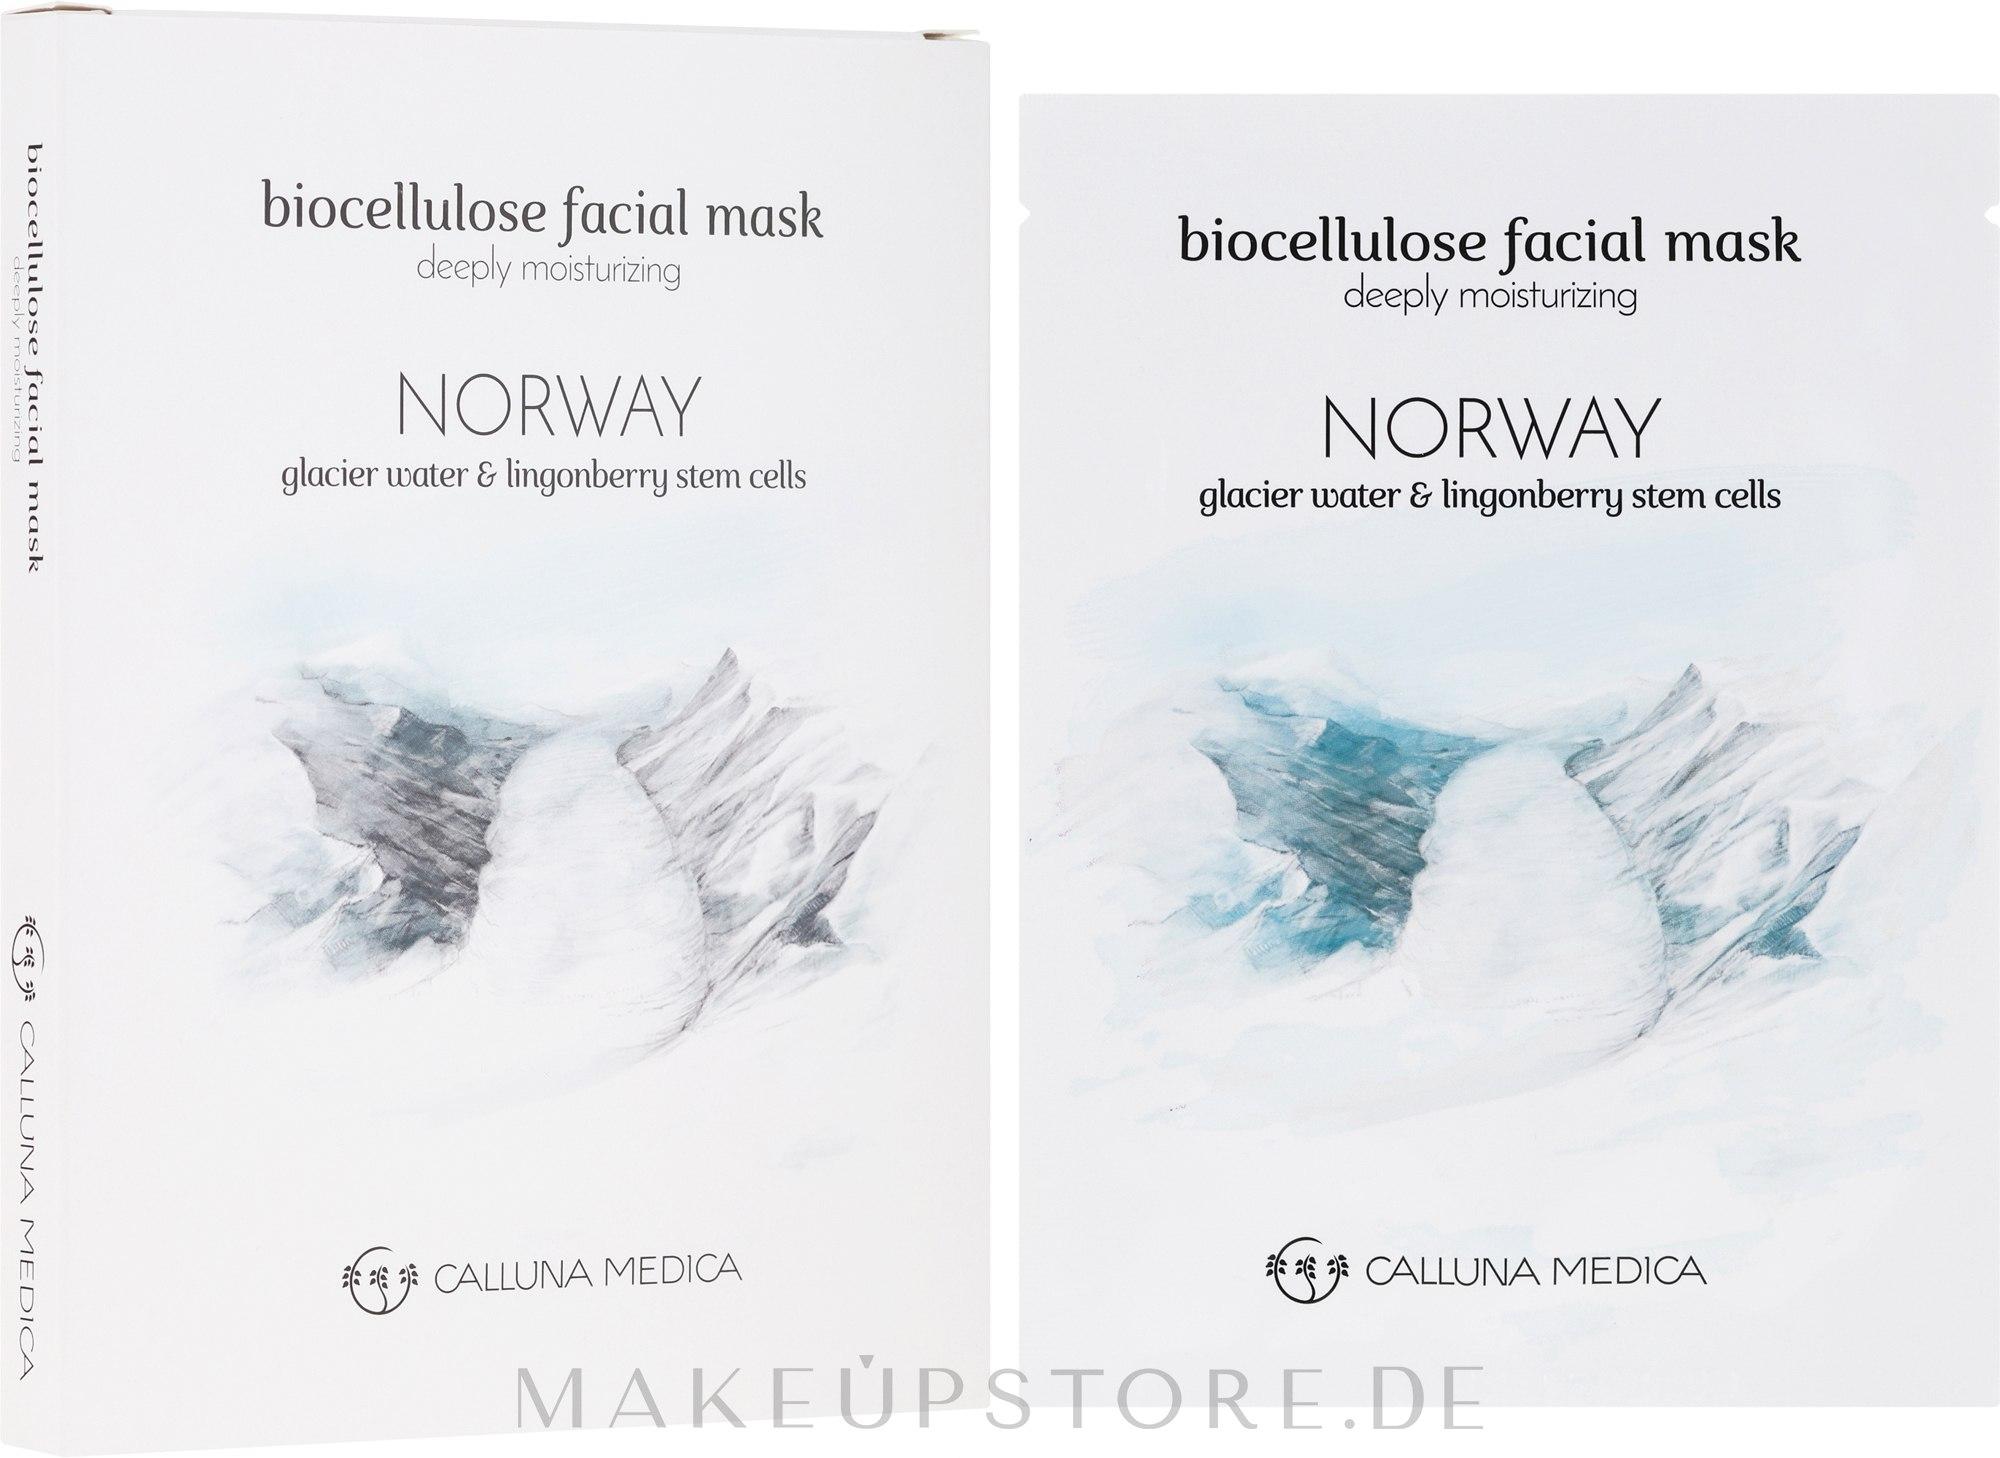 Feuchtigkeitsspendende Tuchmaske für das Gesicht Norwegen - Calluna Medica Norway Deeply Moisturizing Biocellulose Facial Mask — Bild 12 ml